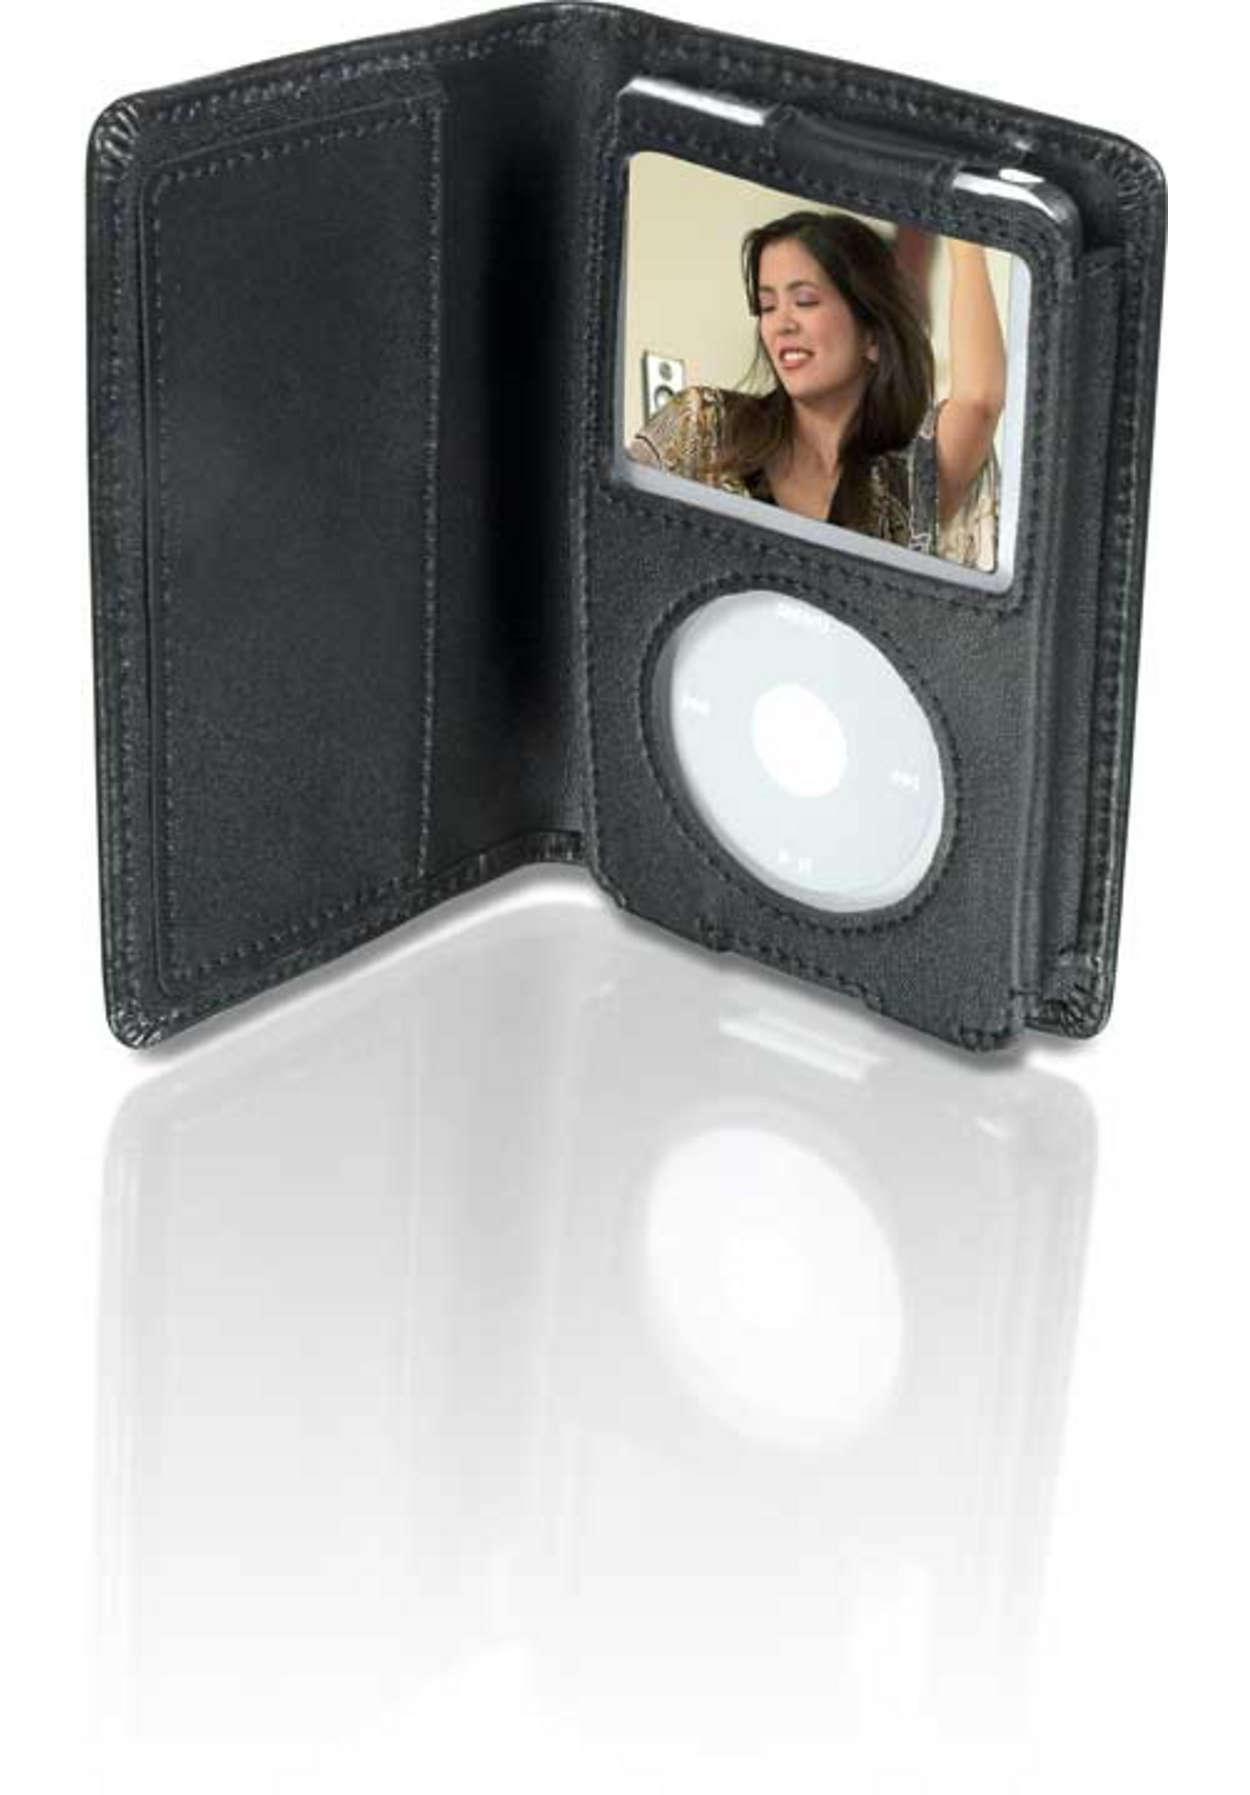 Proteja o seu iPod Video com estilo